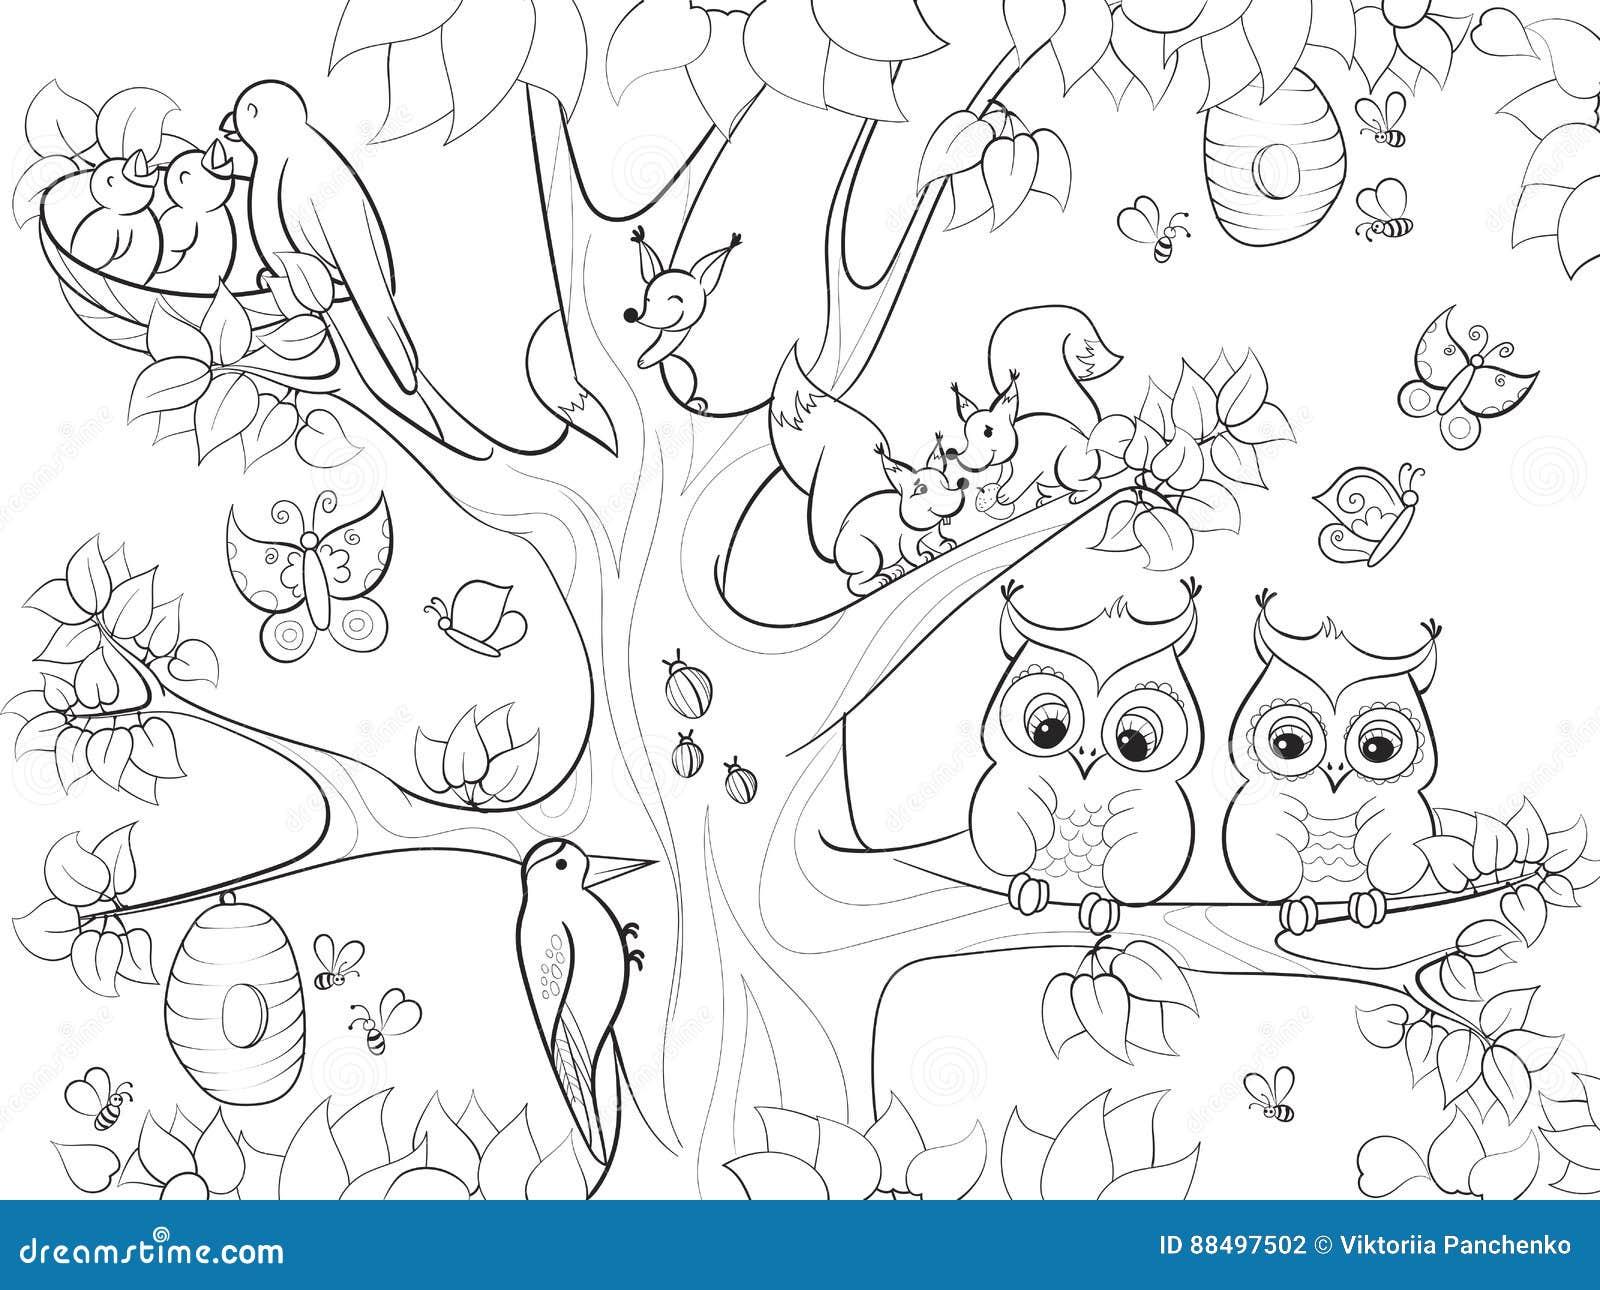 Ζώα και πουλιά που ζουν στο δέντρο που χρωματίζει για τη διανυσματική απεικόνιση κινούμενων σχεδίων παιδιών